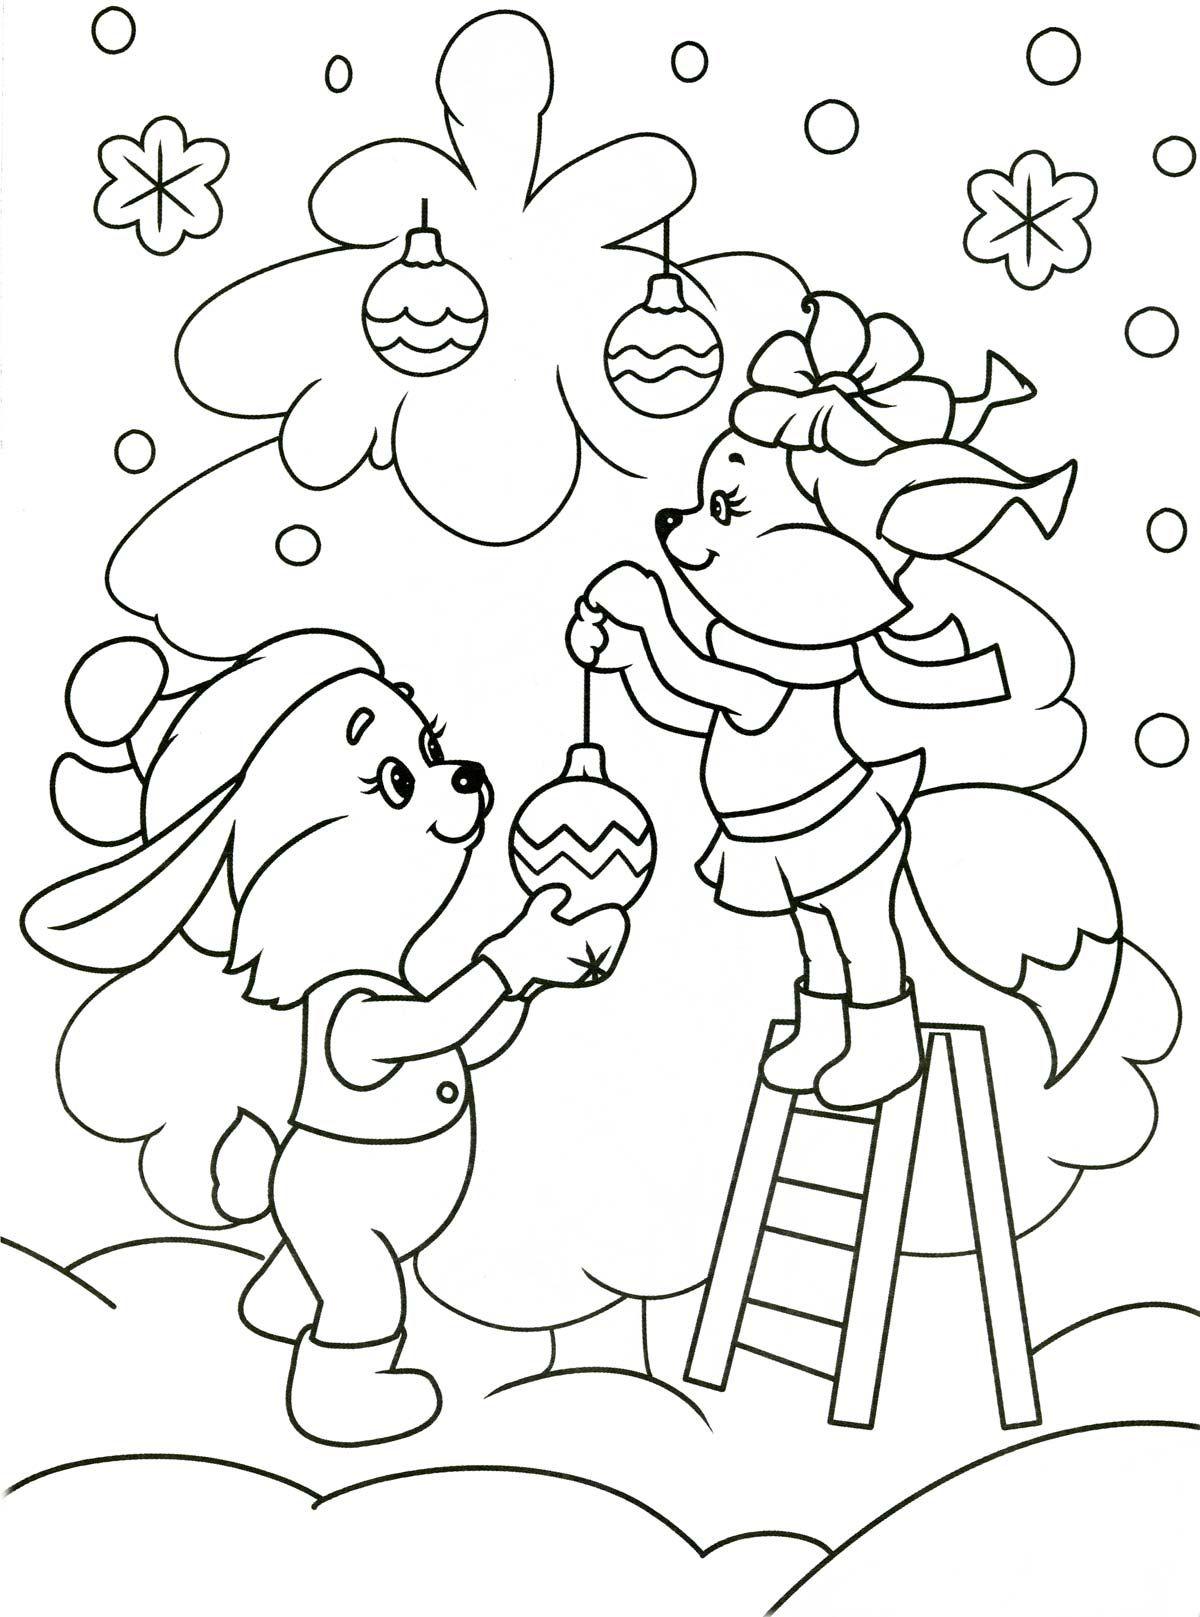 новогодние раскраски для детей 2014 - Поиск в Google ...